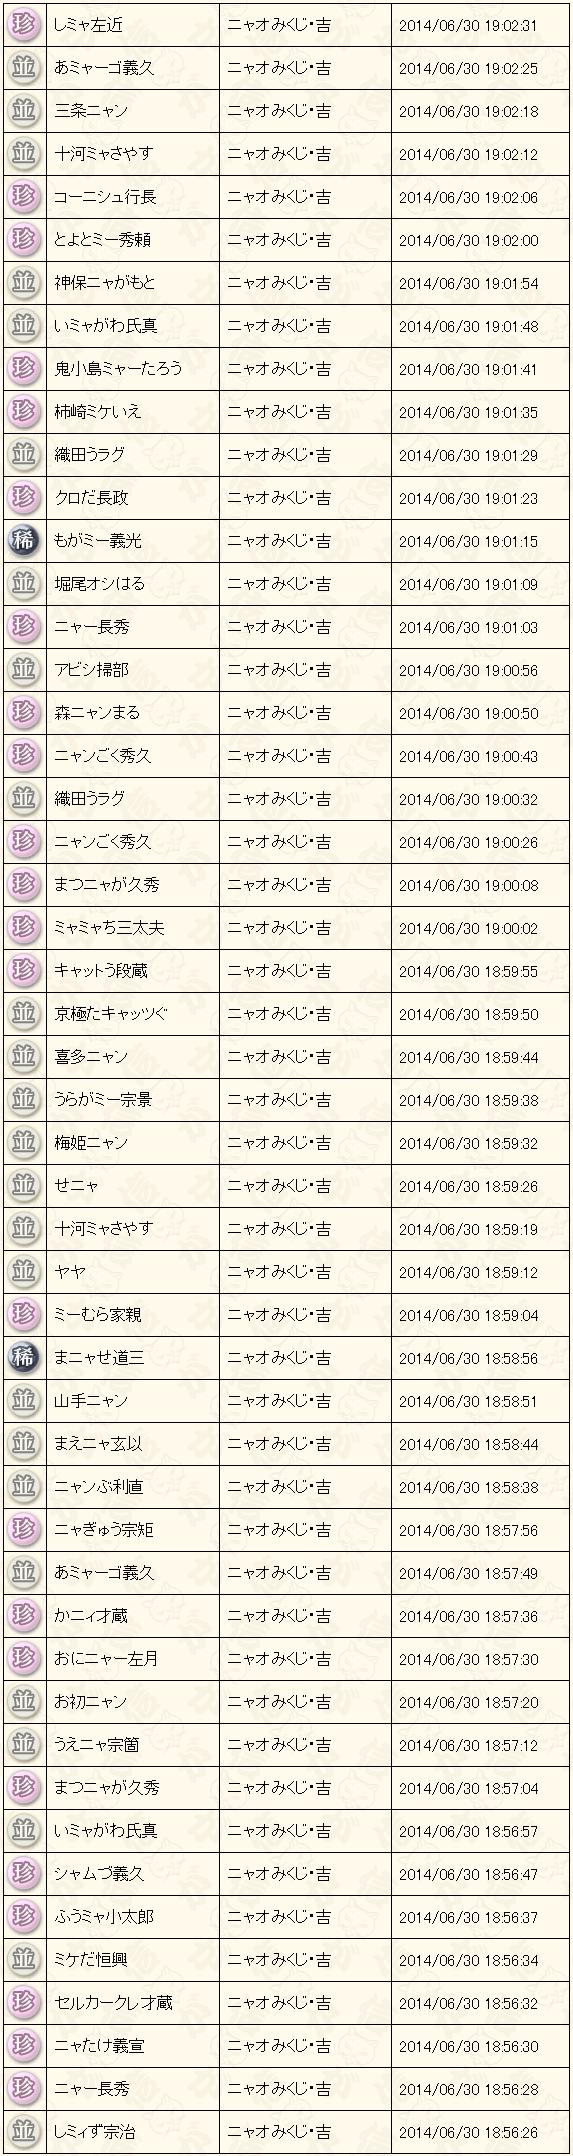 6月末くじ結果2014吉2